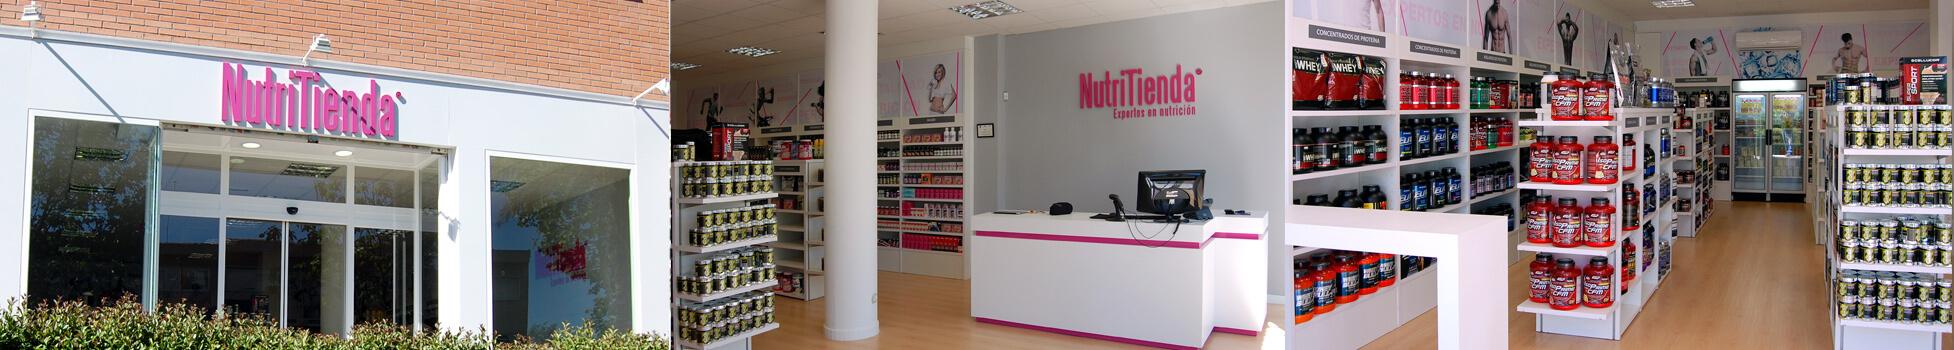 Visita as nossas lojas